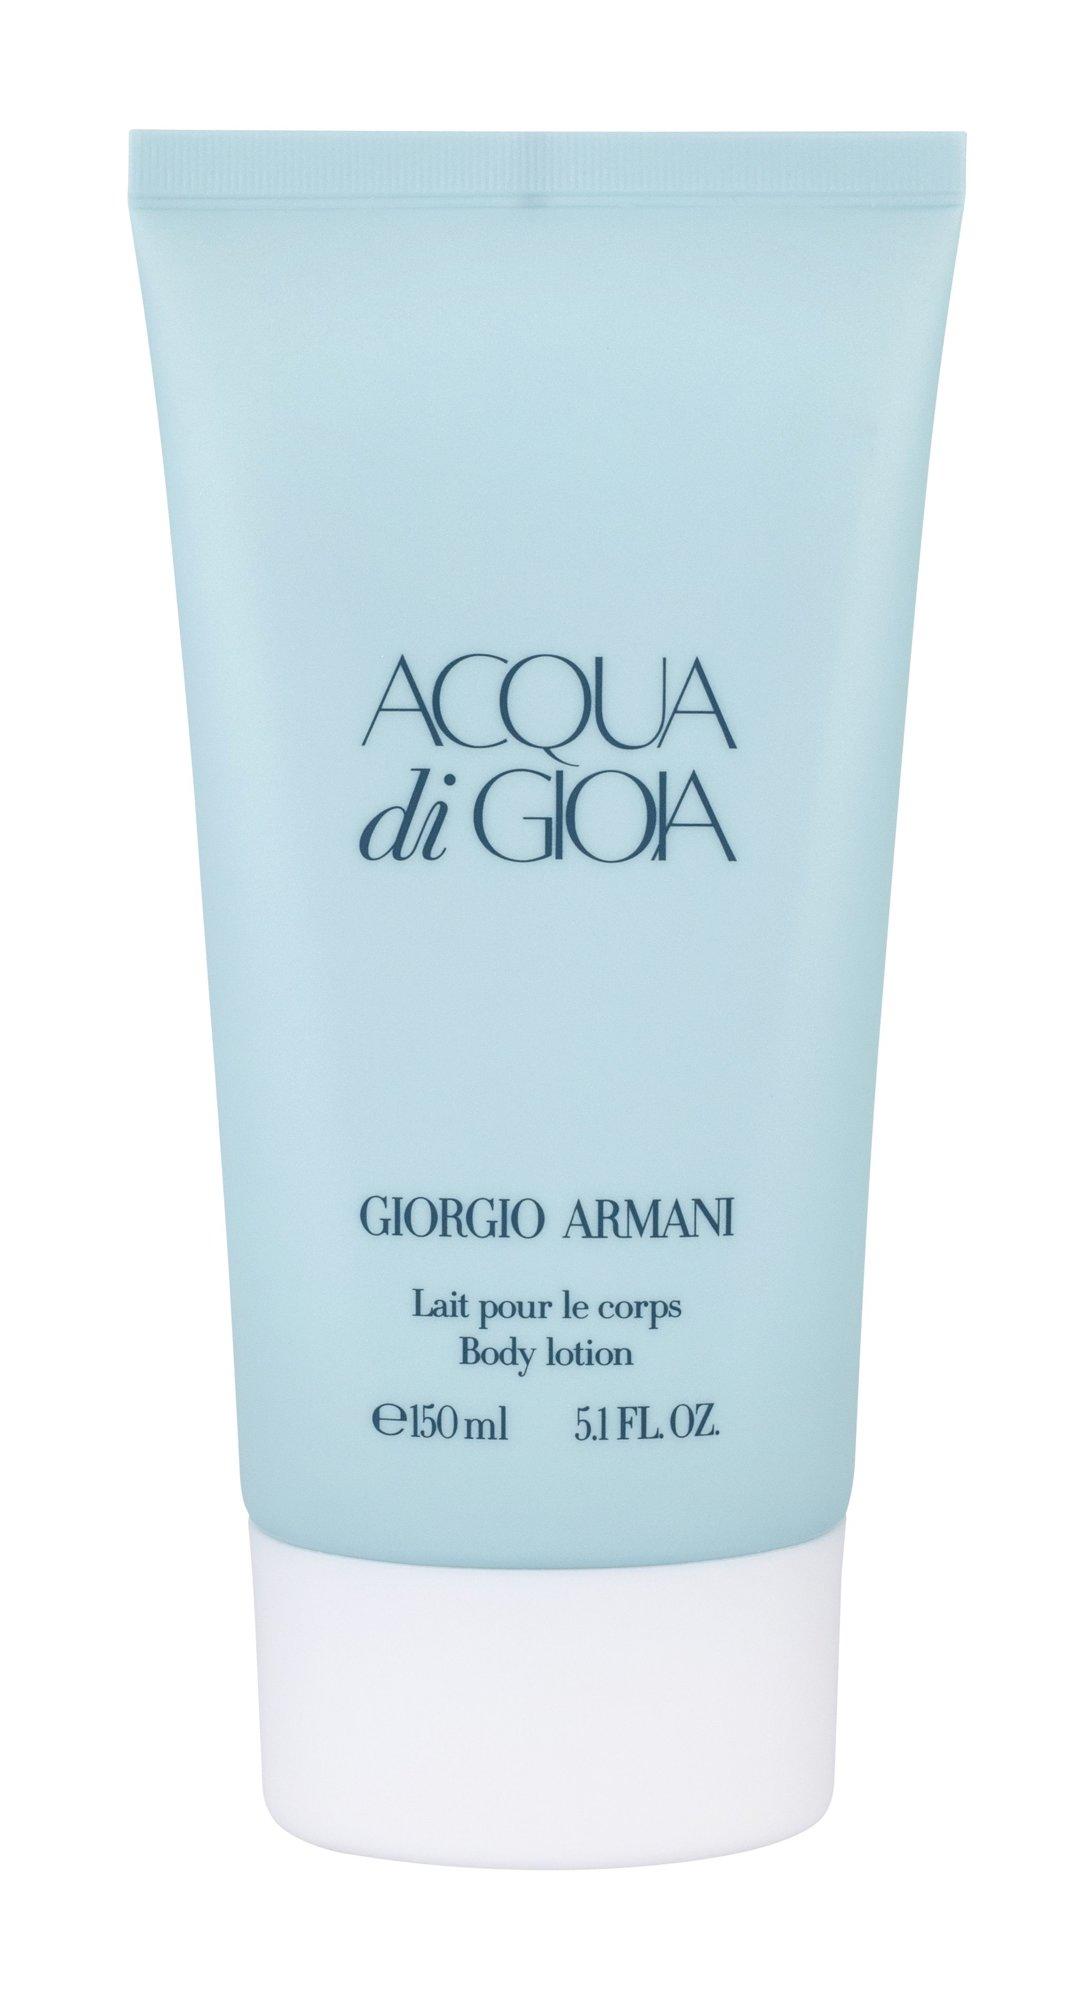 Giorgio Armani Acqua di Gioia Body lotion 150ml